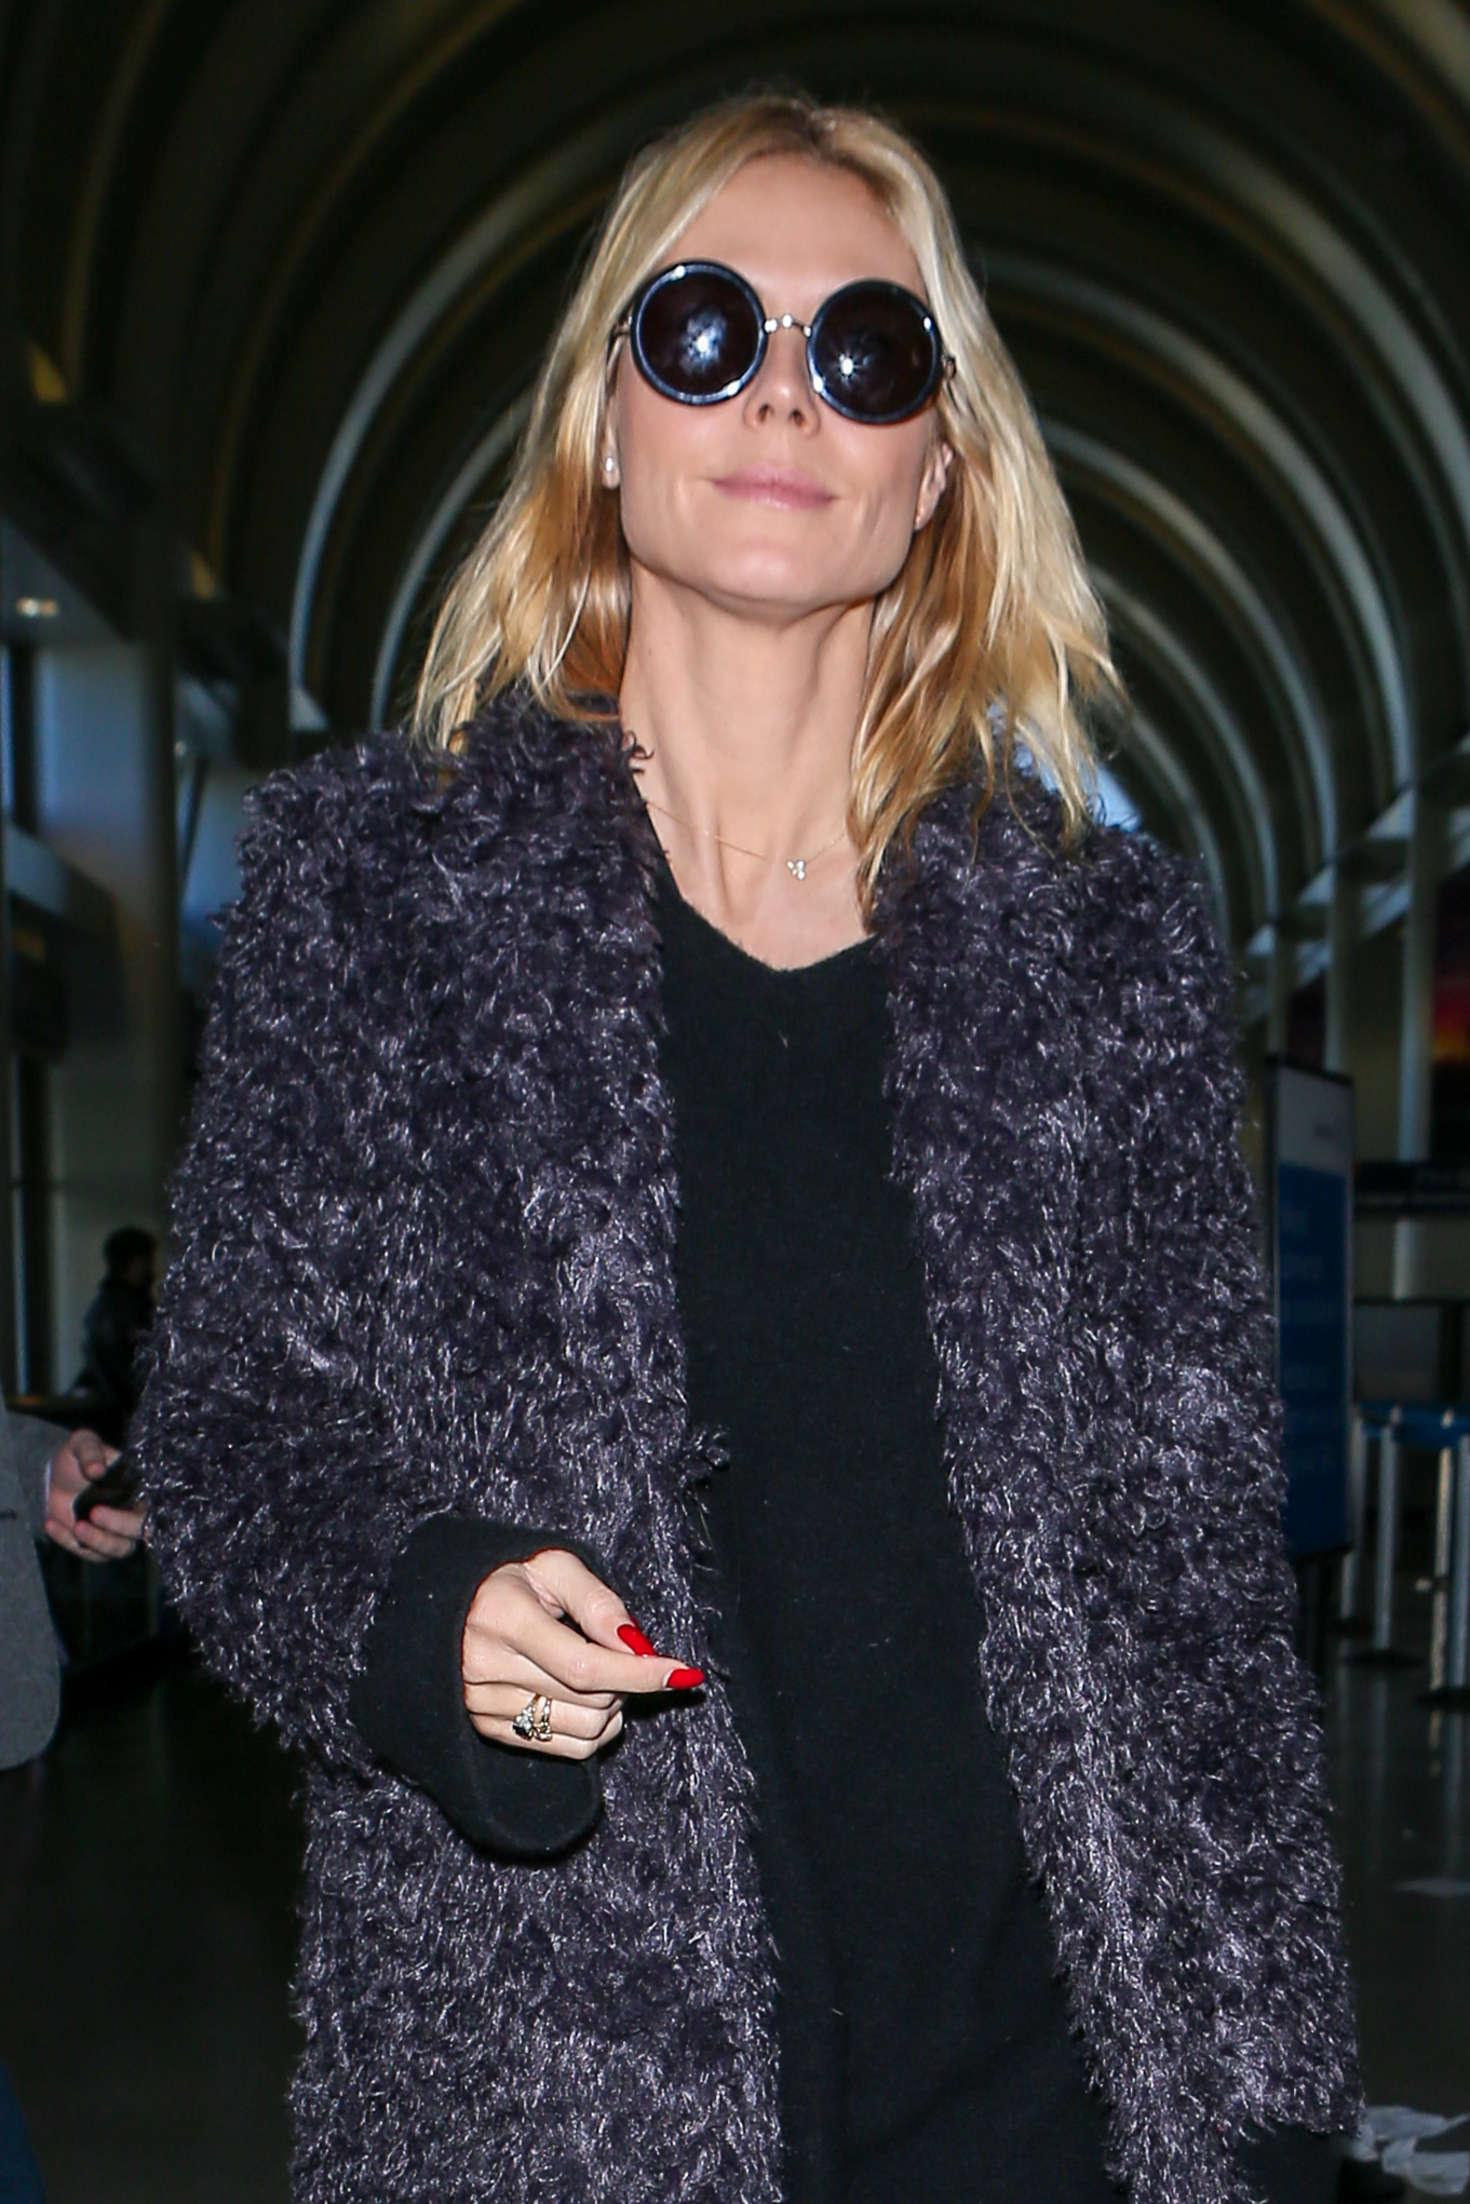 Heidi Klum 2015 : Heidi Klum: Arrives at LAX Airport -05